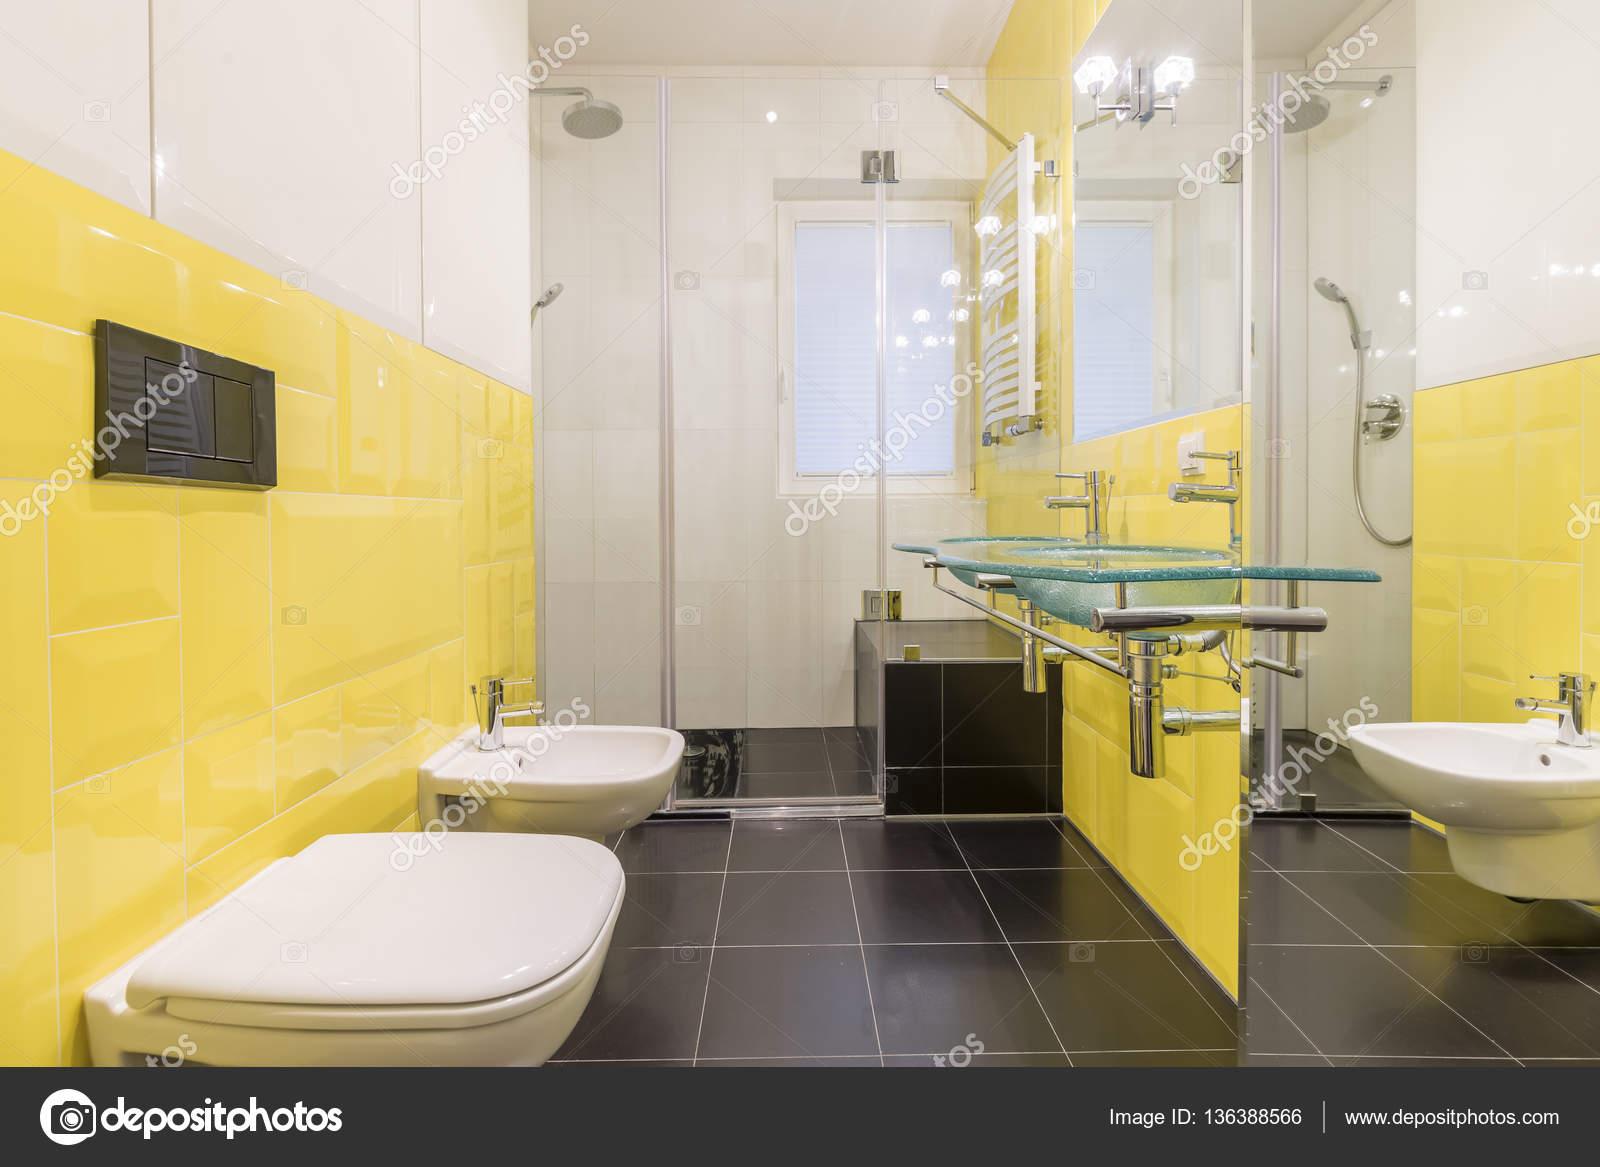 Badkamer met gele tegels — Stockfoto © photographee.eu #136388566